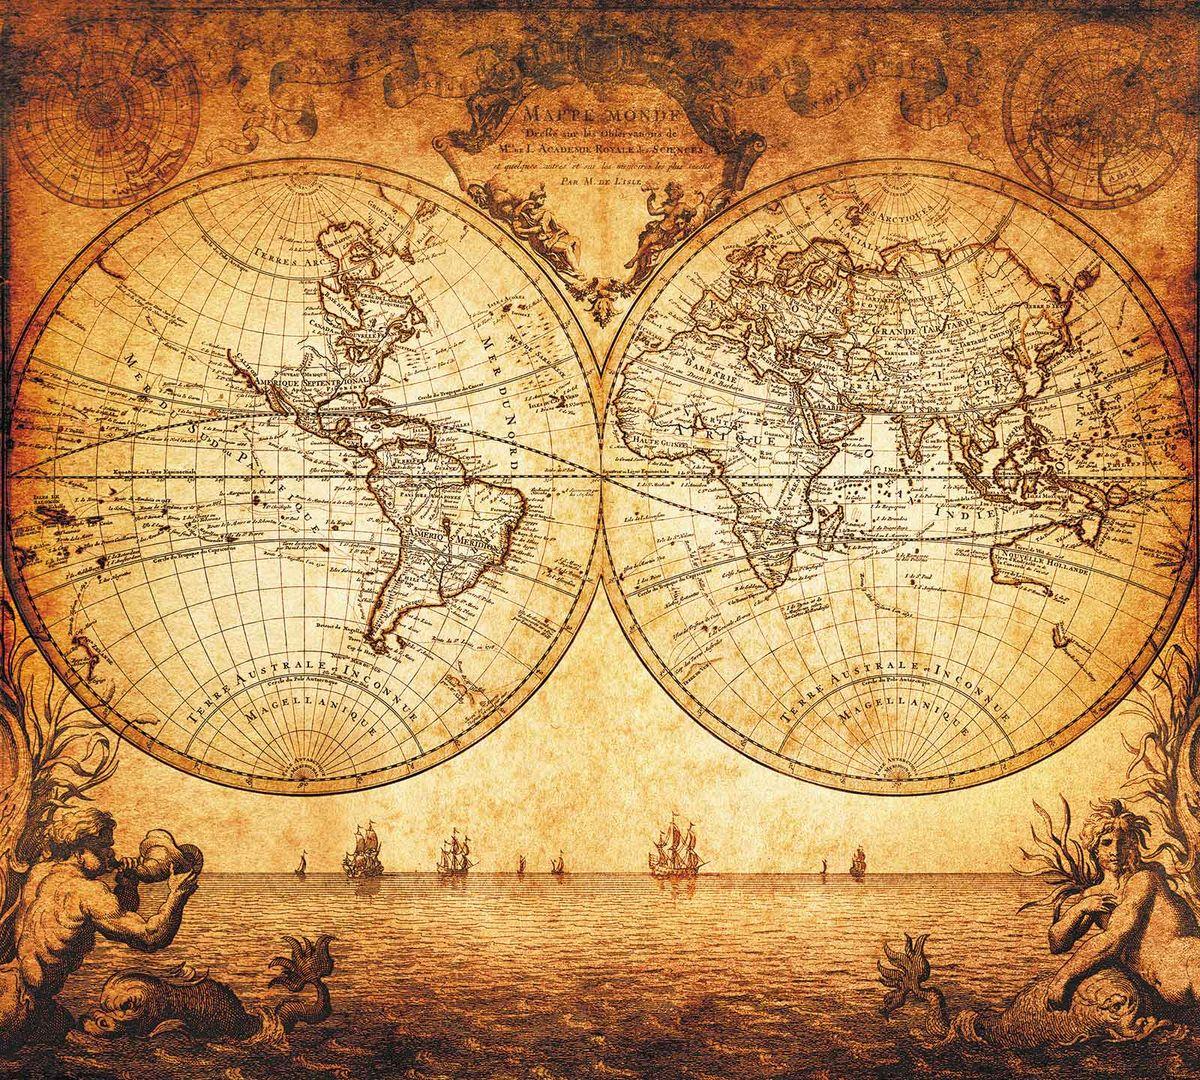 Фотообои Milan Старинная карта, текстурные, 200 х 180 см. M 510 фотообои milan текстура дерева текстурные 200 х 135 см m 622